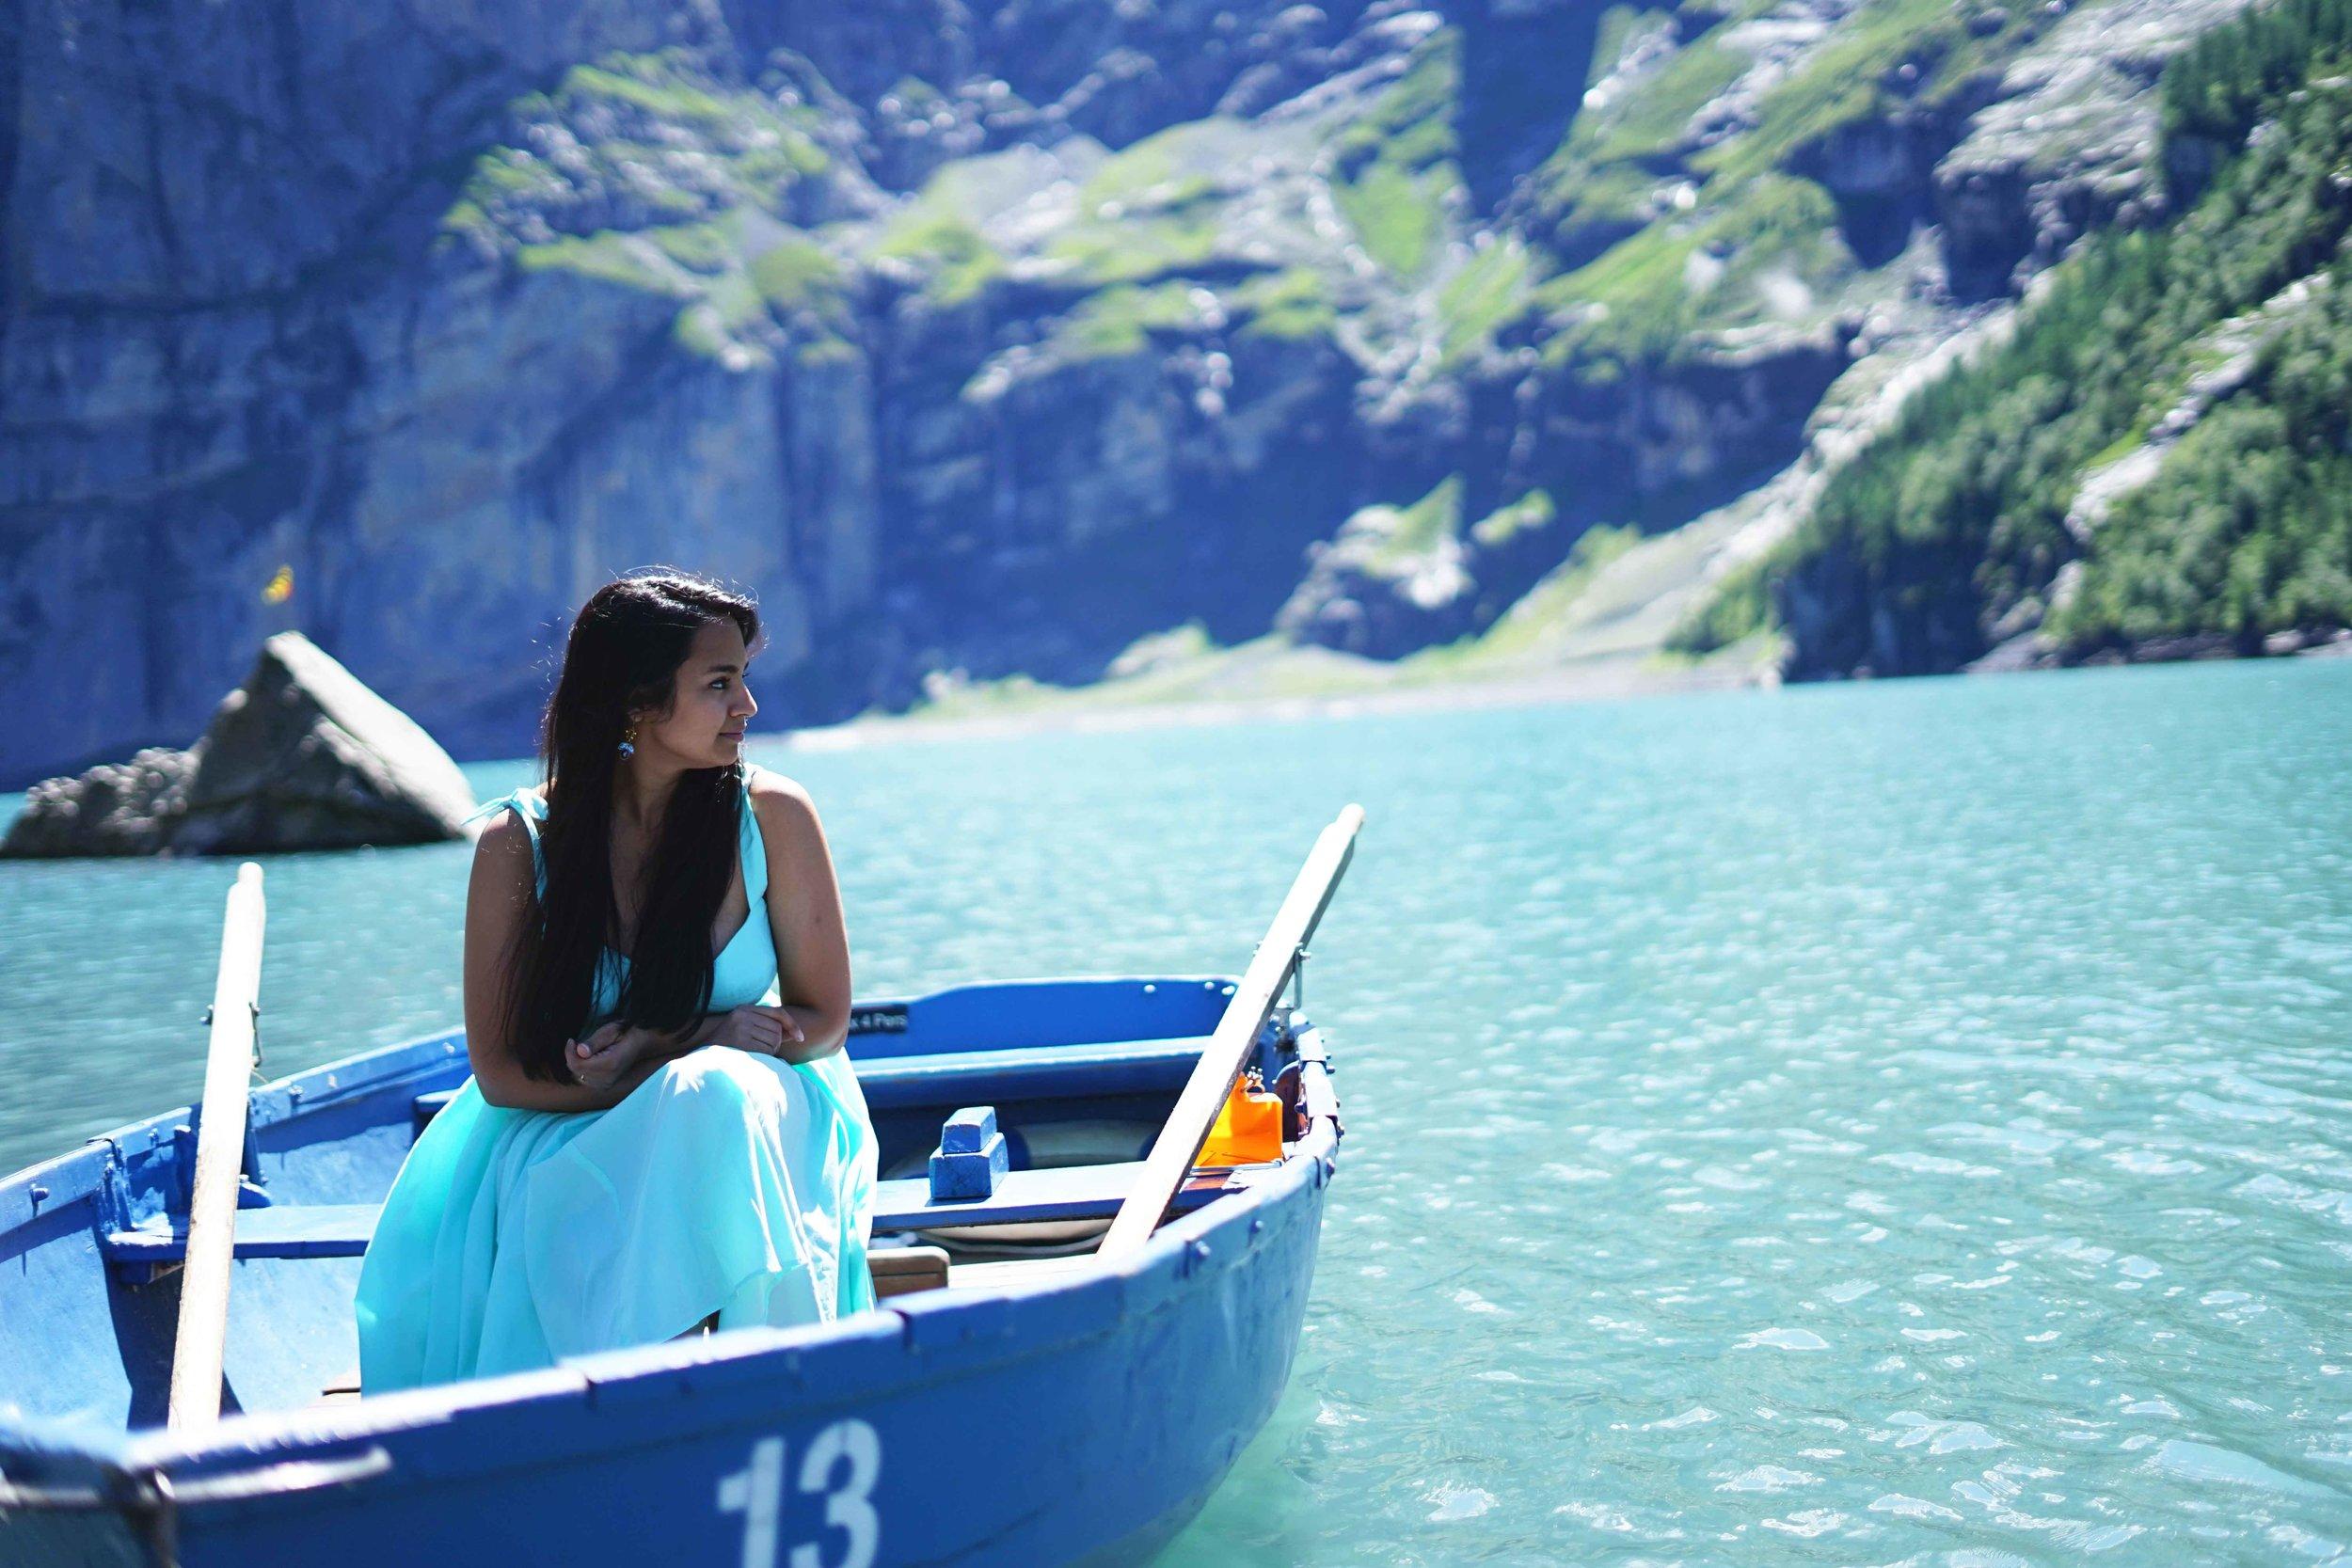 Lake Oeschinesee Kandersteg Switzerland Travel Guide Charisma Shah